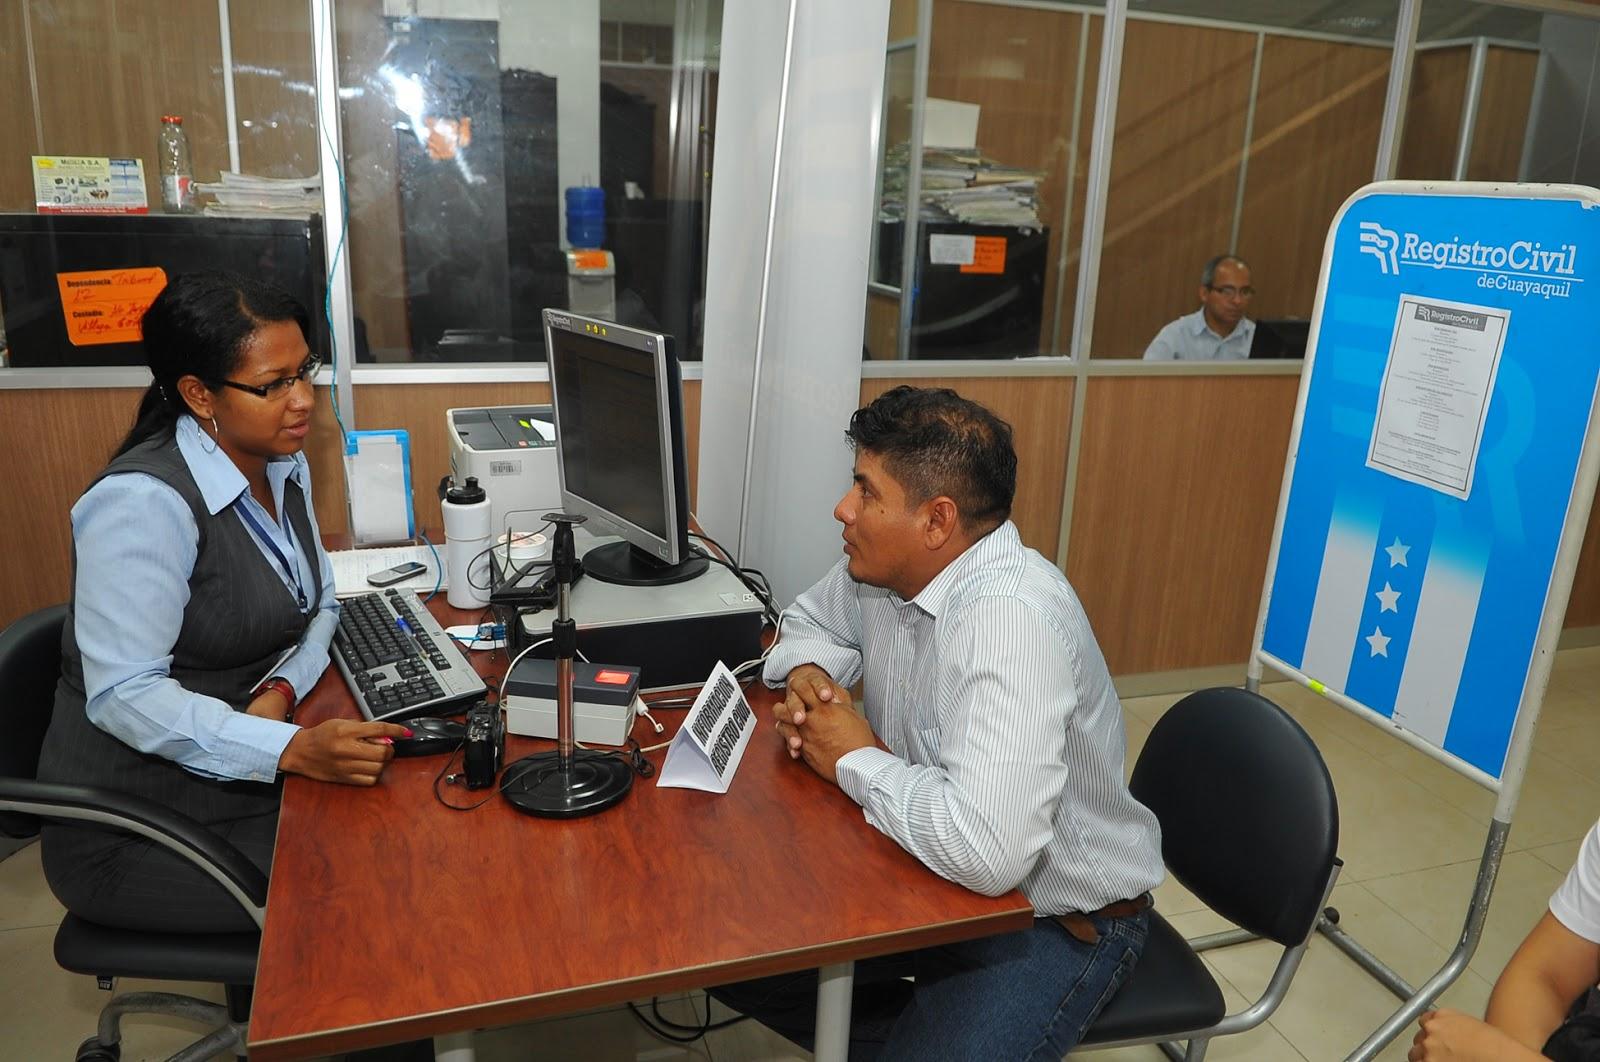 Blog.Guayaquil.gob.ec: Oficina de Cedulación del Registro Civil ...